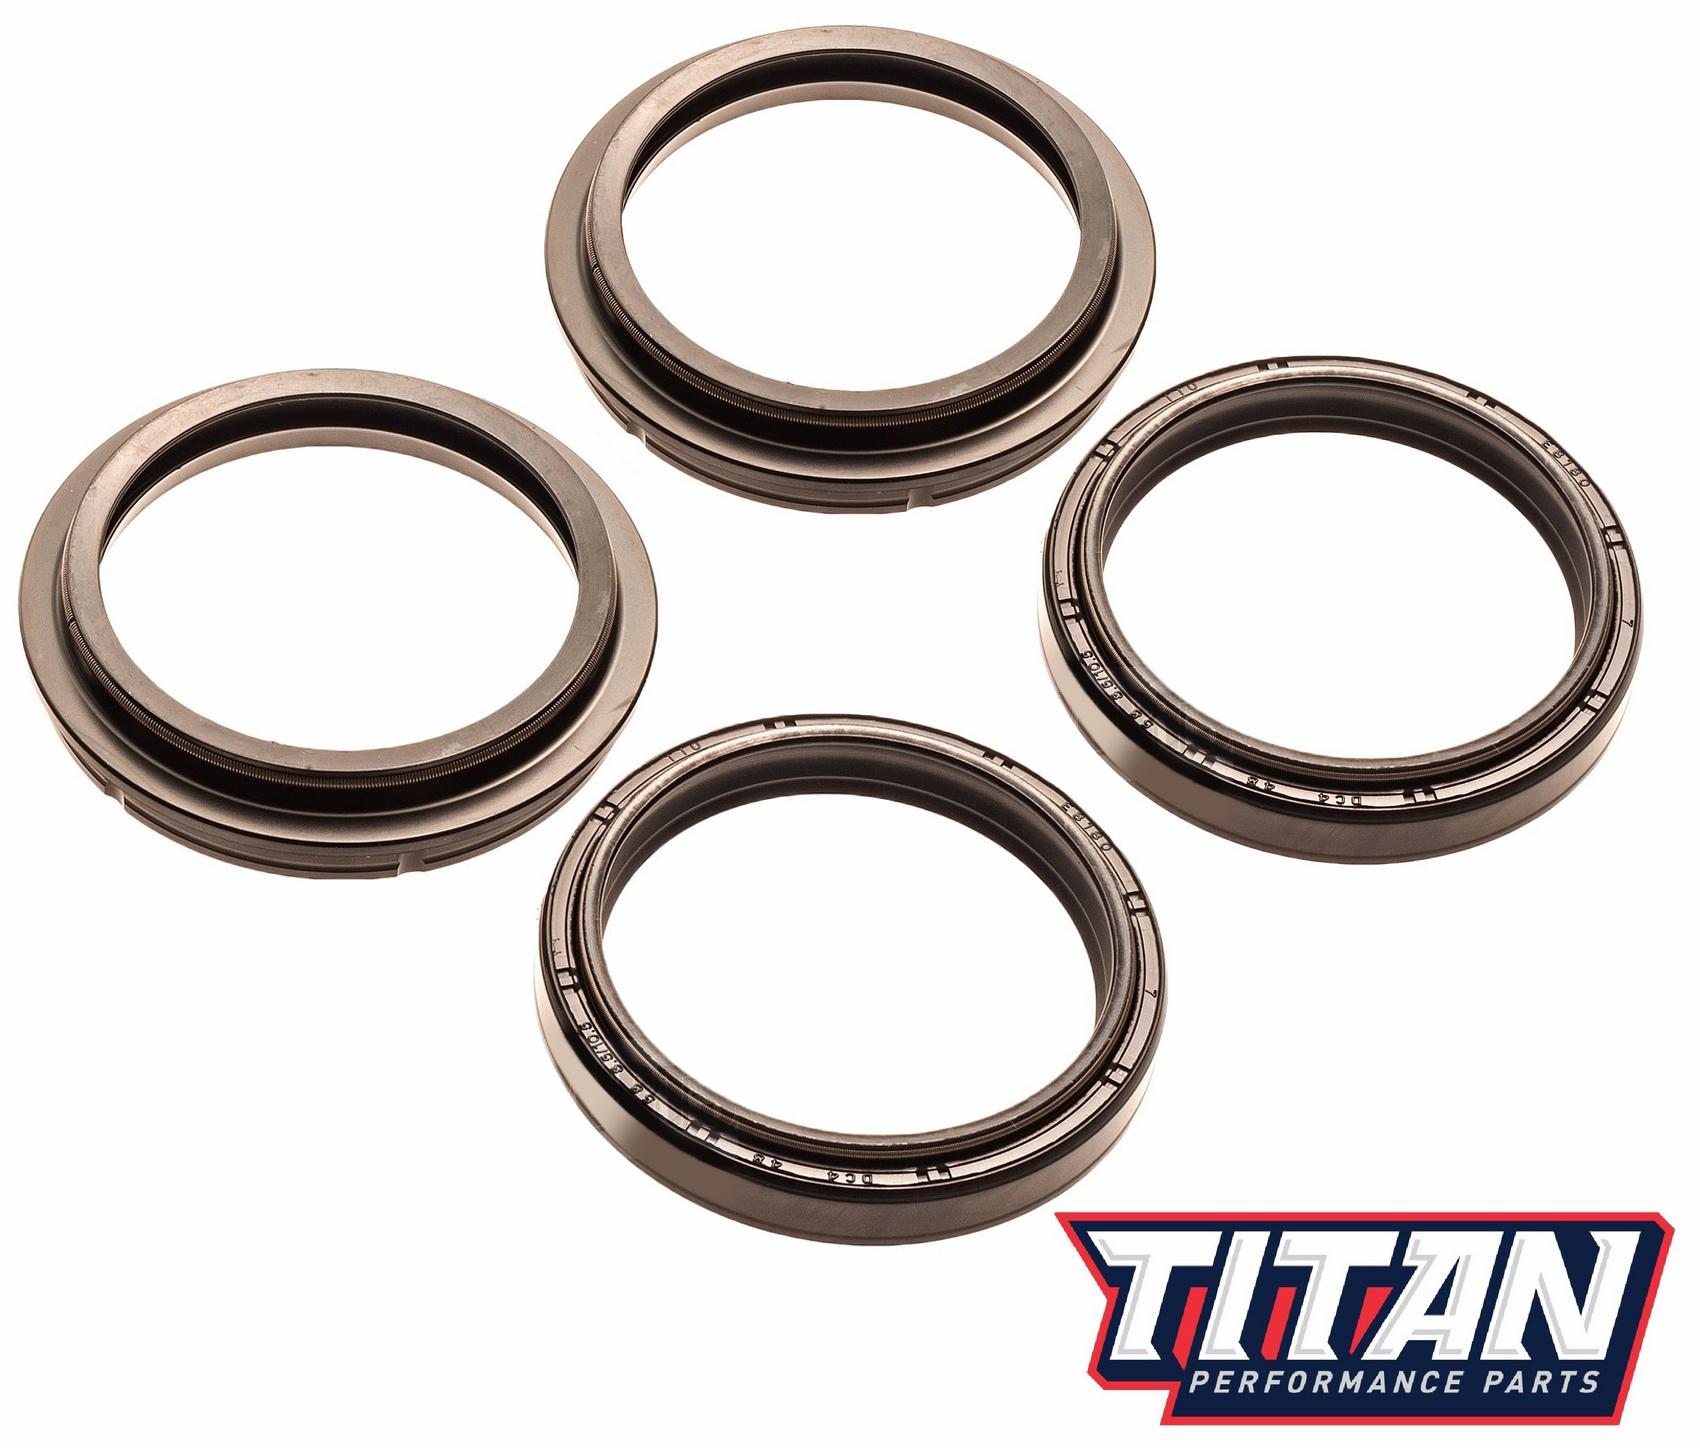 Details about Suzuki RM125 RM250 RMZ250 RMZ450 DRZ400 Titan Fork Oil & Dust  Wiper Seal Kit